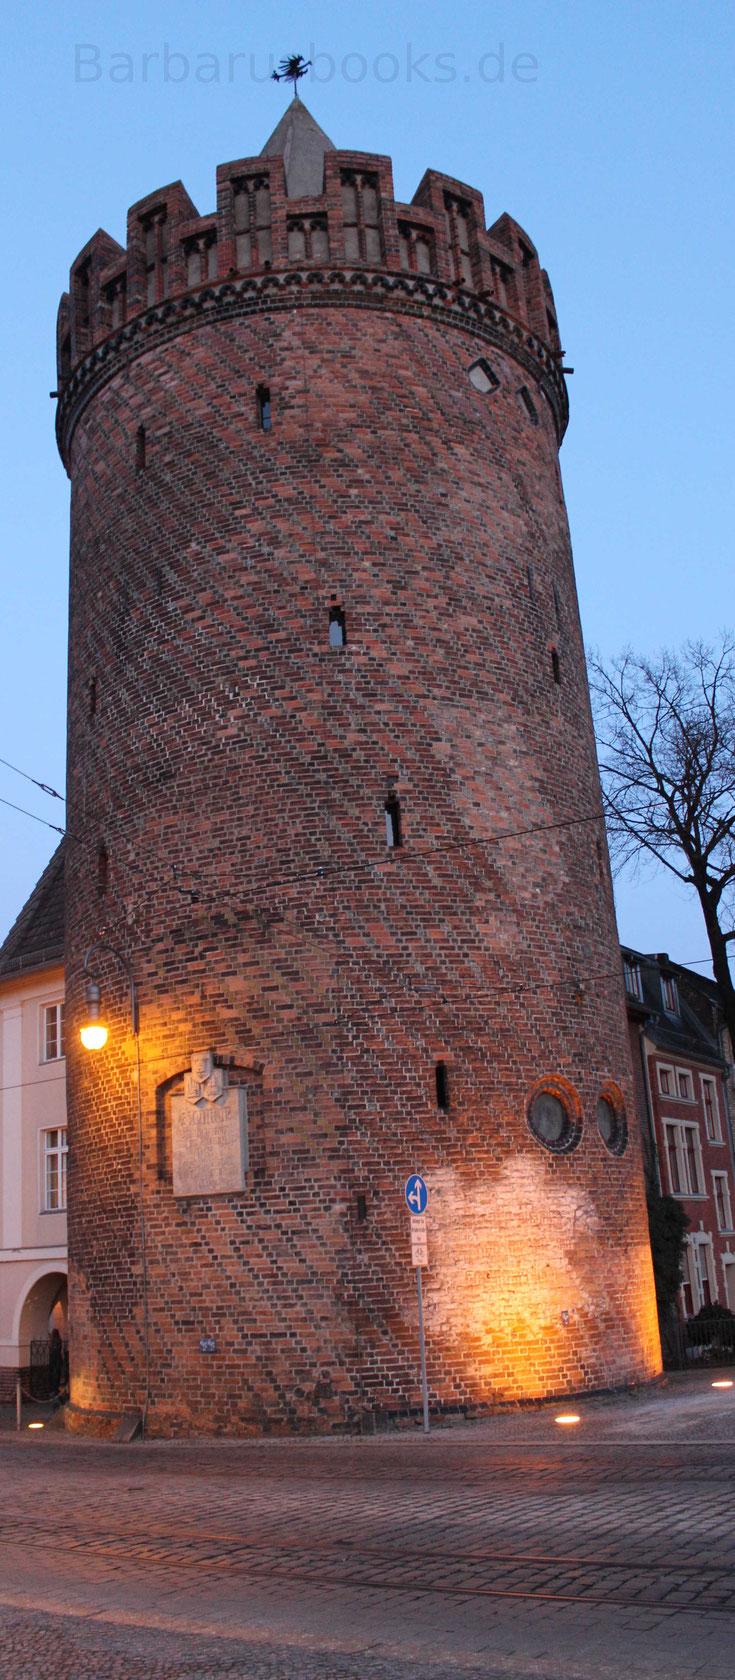 Der Steintorturm diente als Gefängnis und gehörte zur mittelalterlichen Wehranlage der Stadt